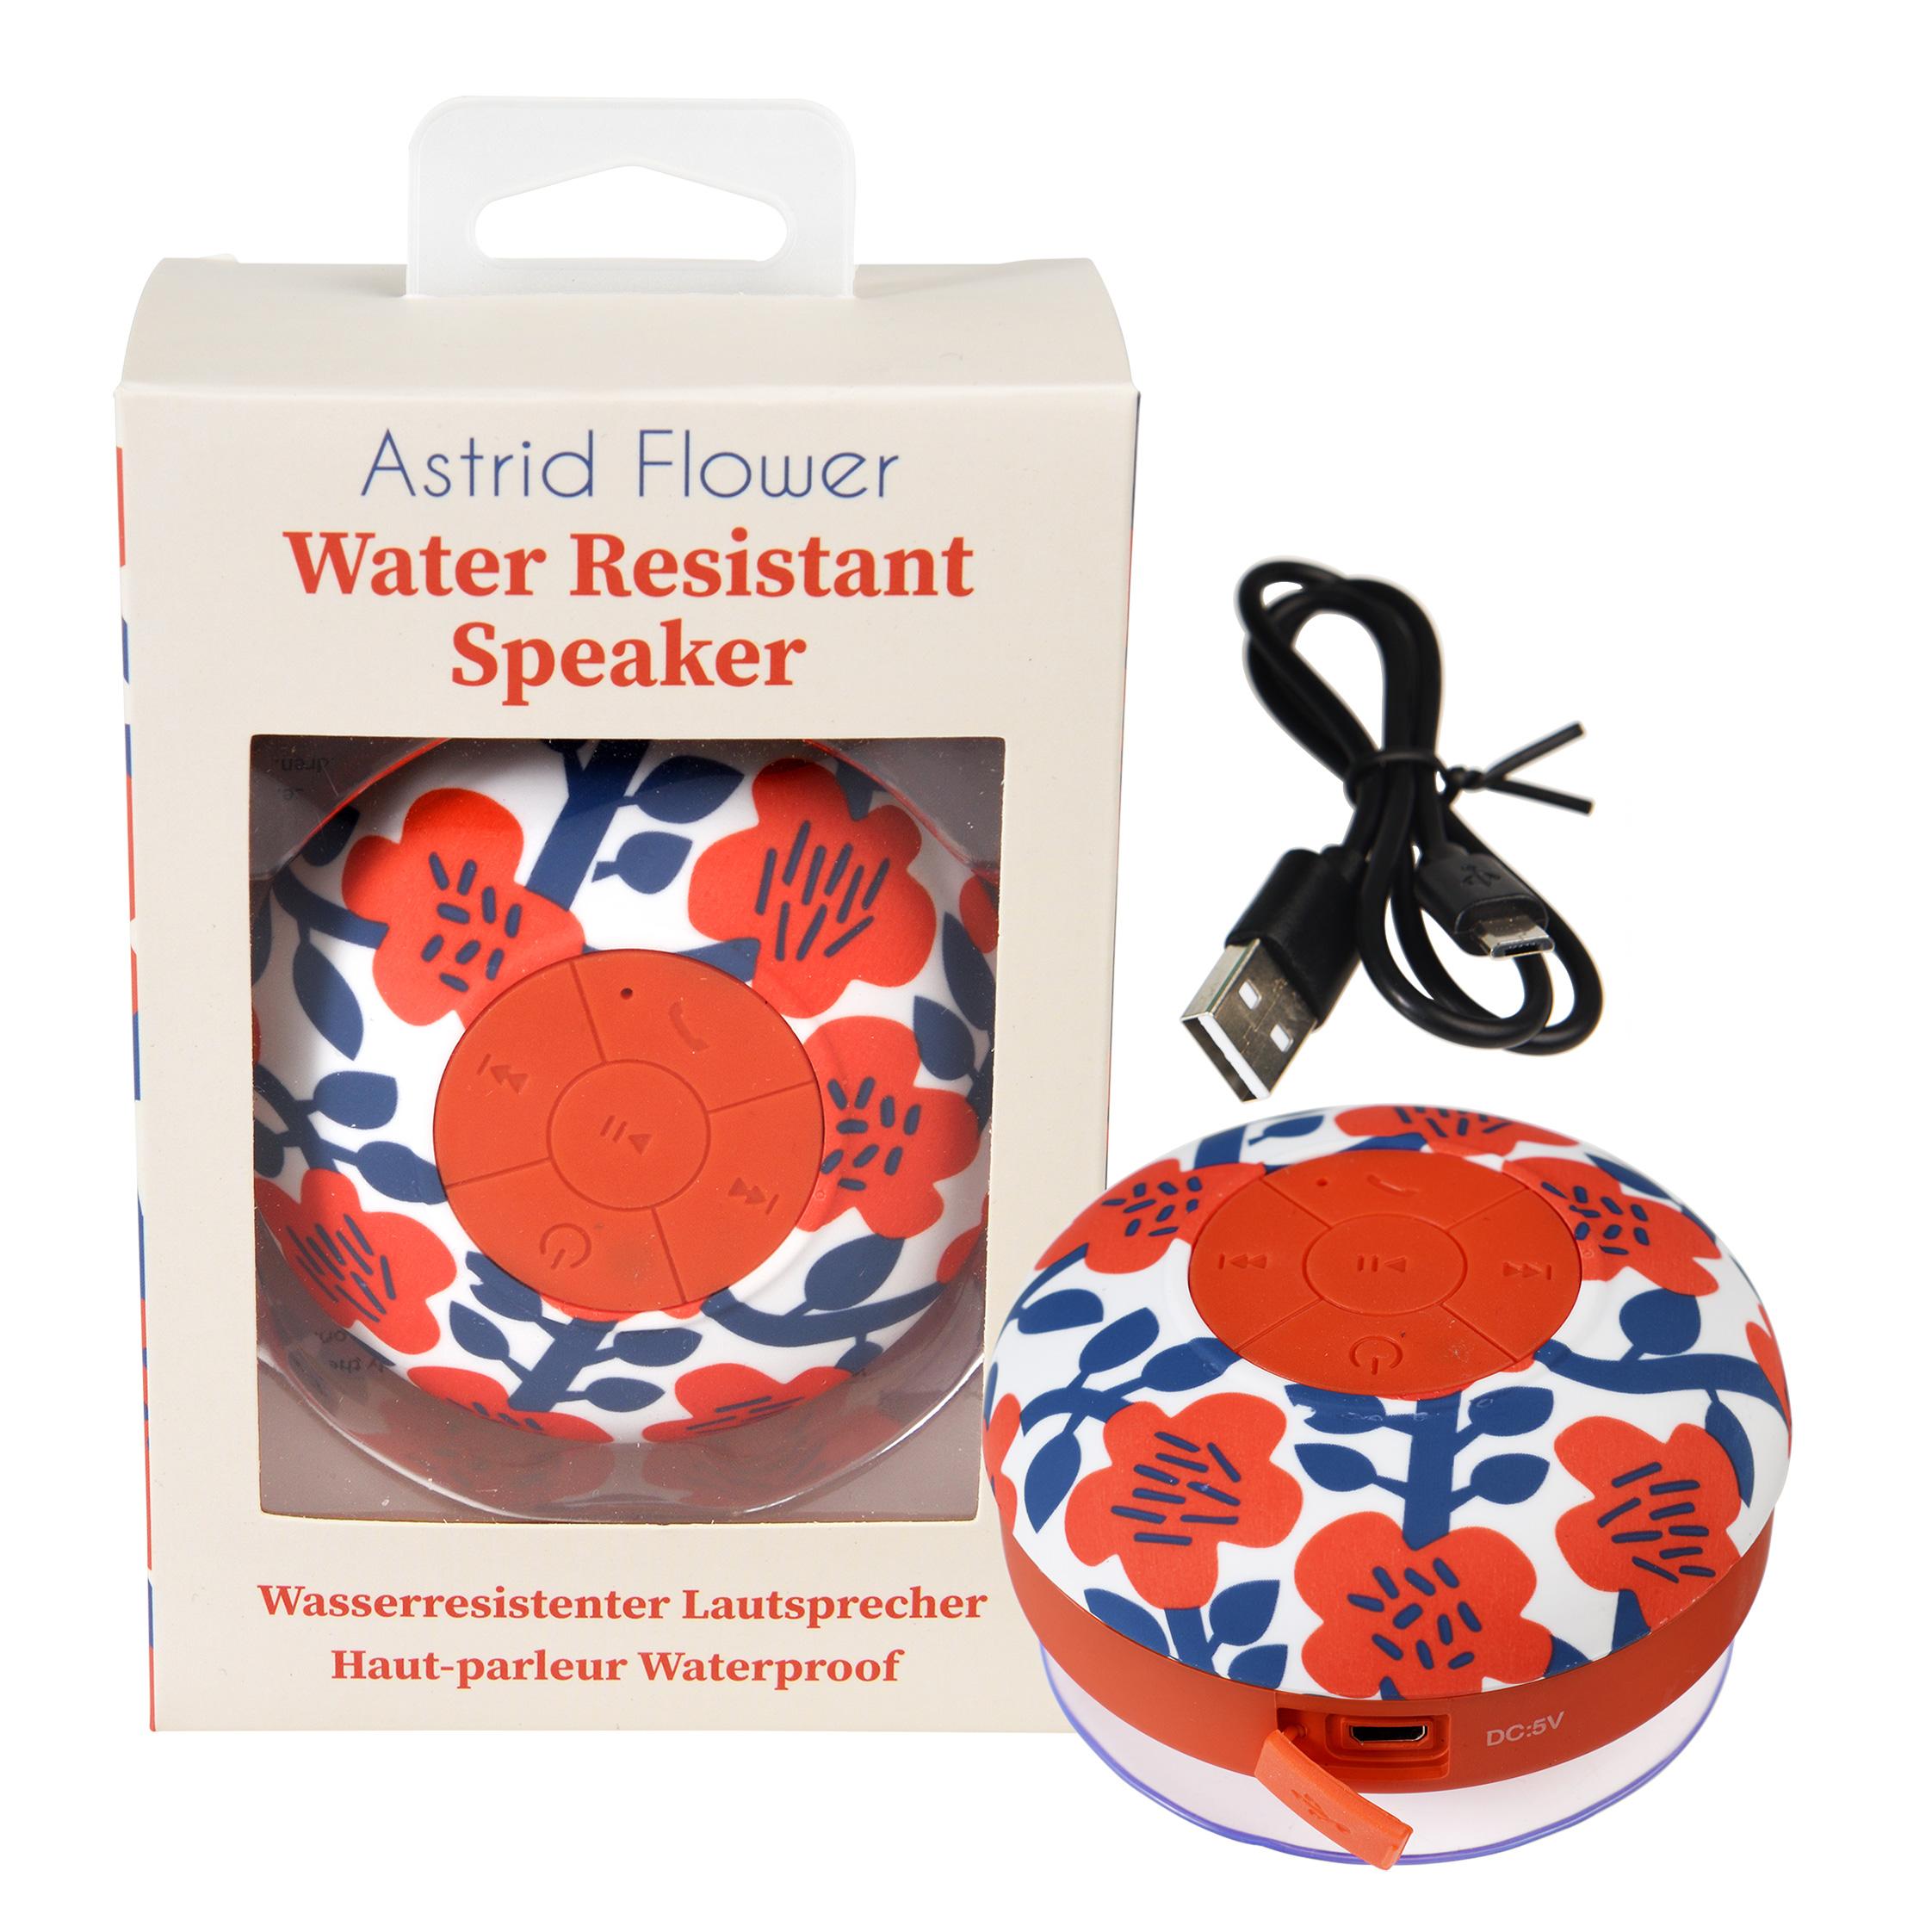 ASTRID FLOWER BLUETOOTH SHOWER SPEAKER